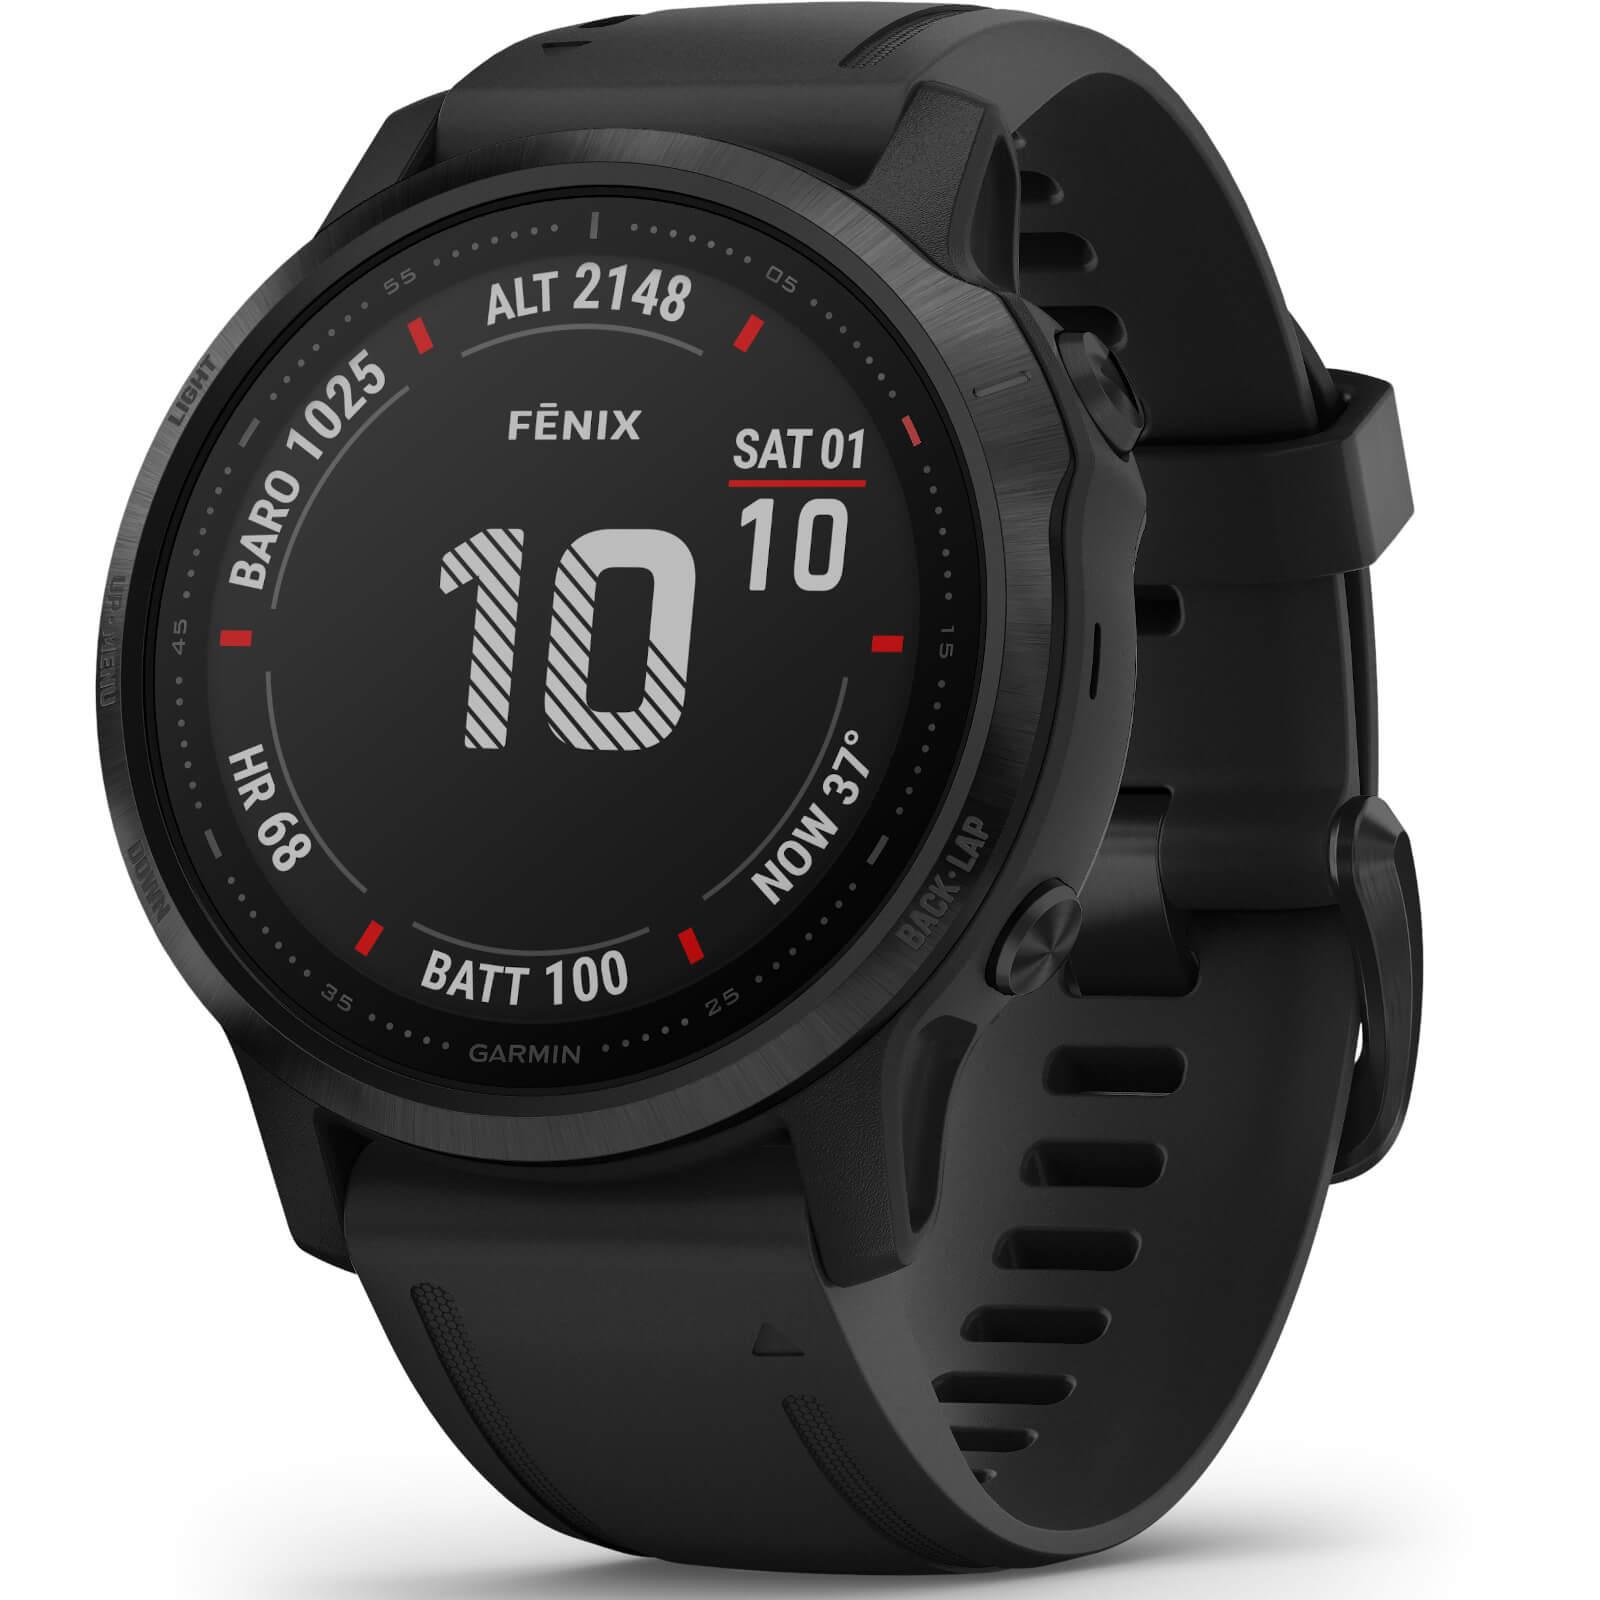 Garmin Fenix 6S Pro GPS Watch - BLACK/BLACK